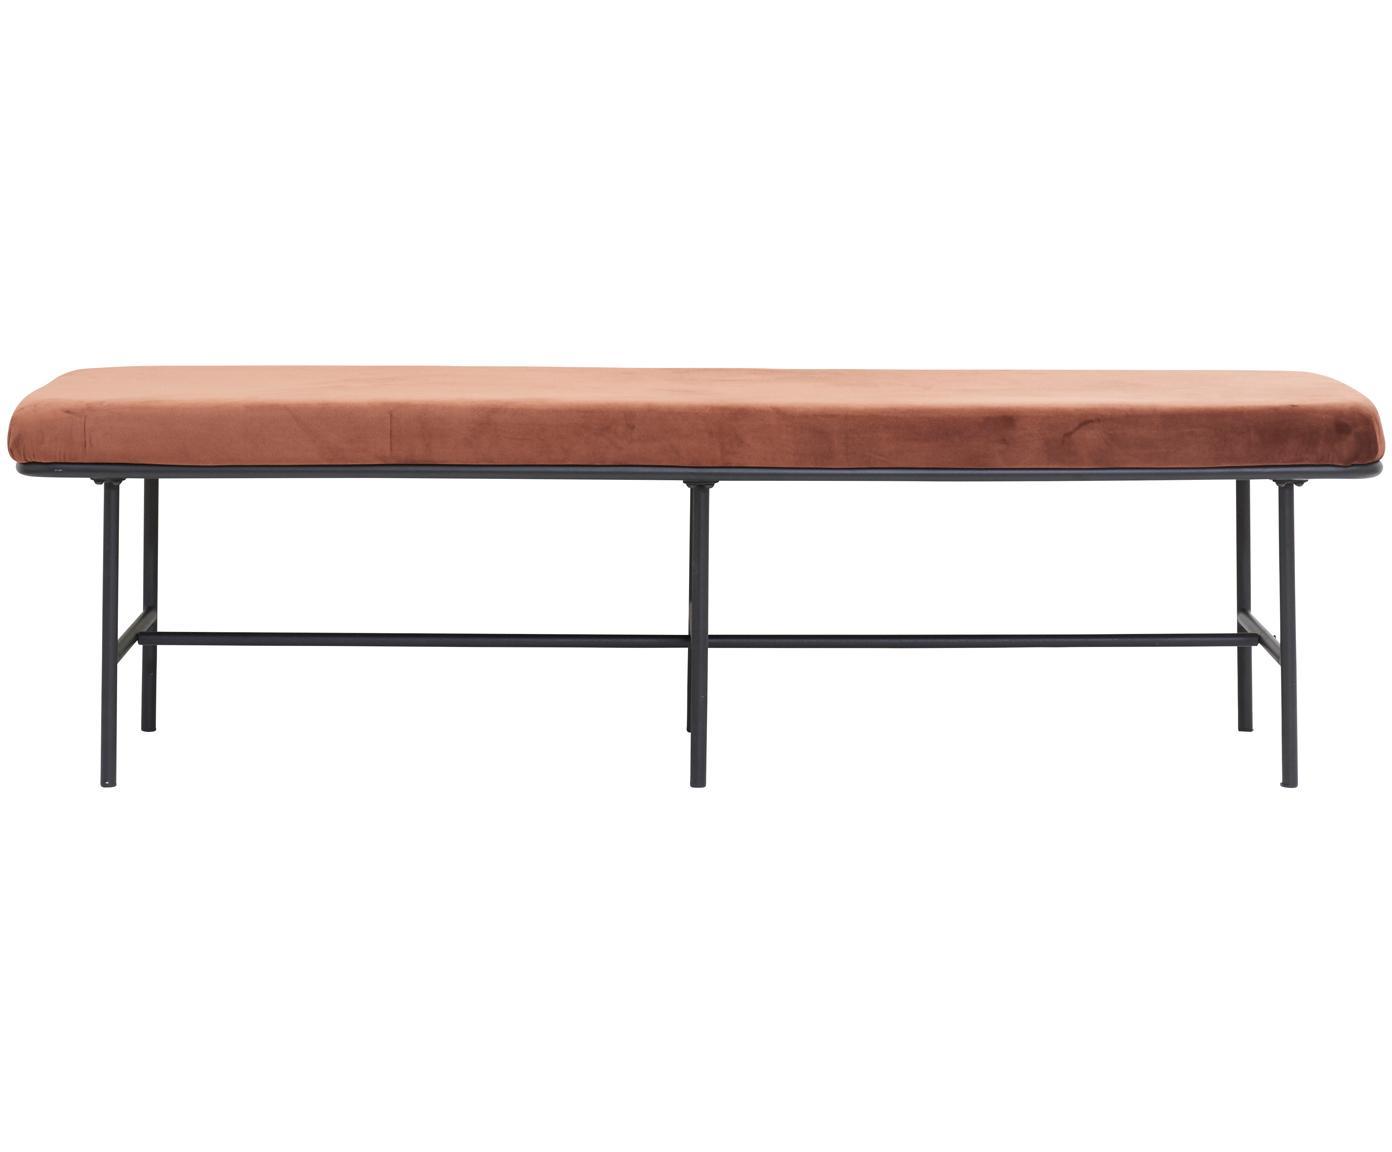 Panca in velluto Comma, Rivestimento: poliestere, Struttura: acciaio verniciato a polv, Marrone ruggine, Larg. 160 x Alt. 46 cm